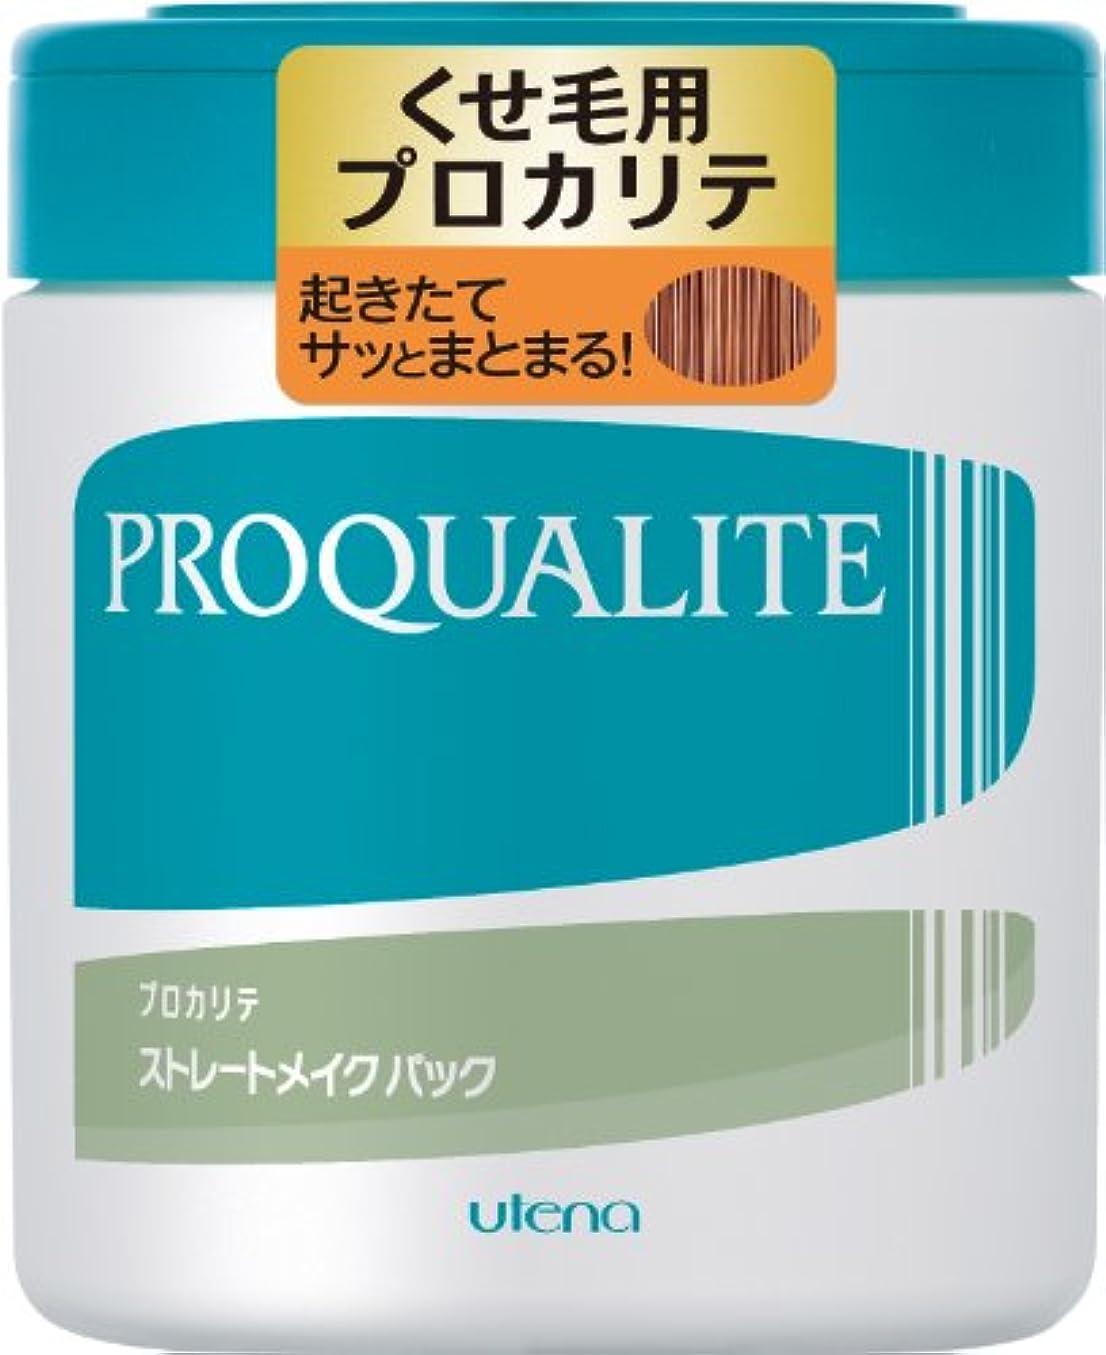 例示する嫌悪栄養PROQUALITE(プロカリテ) ストレートメイクパック ラージ